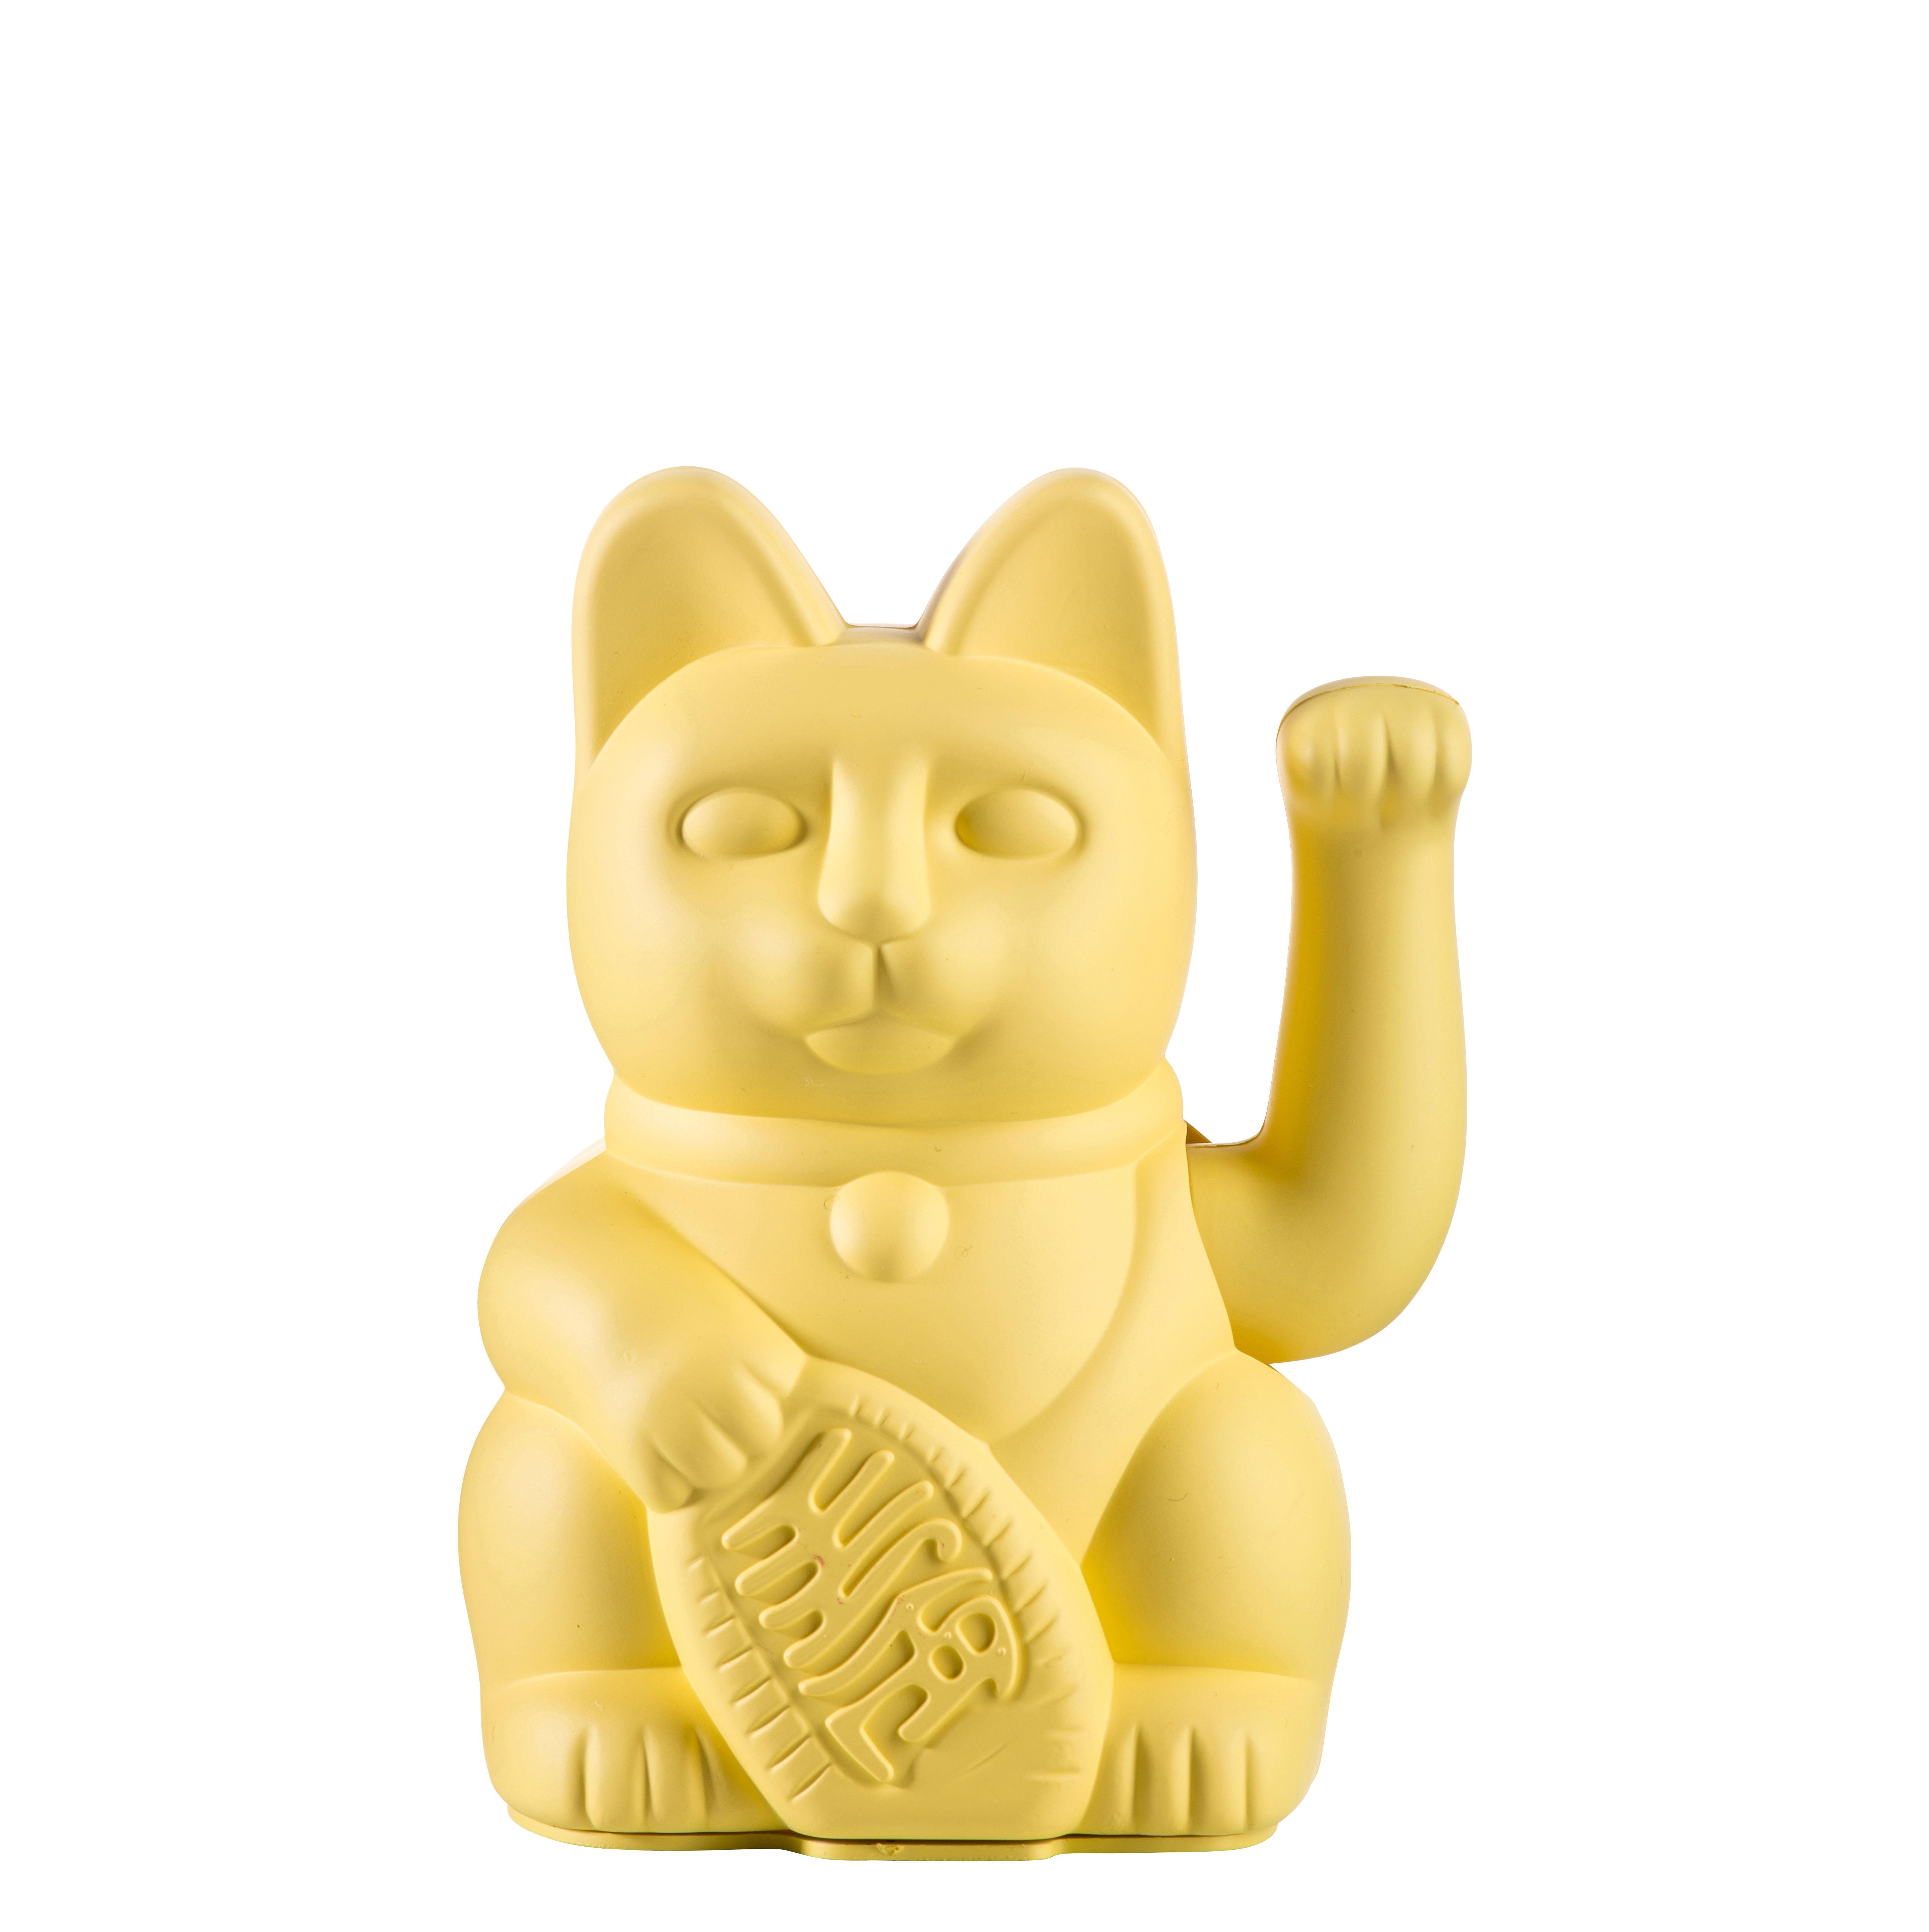 Déco - Pour les enfants - Figurine Lucky Cat / Plastique - Donkey - Jaune - Plastique